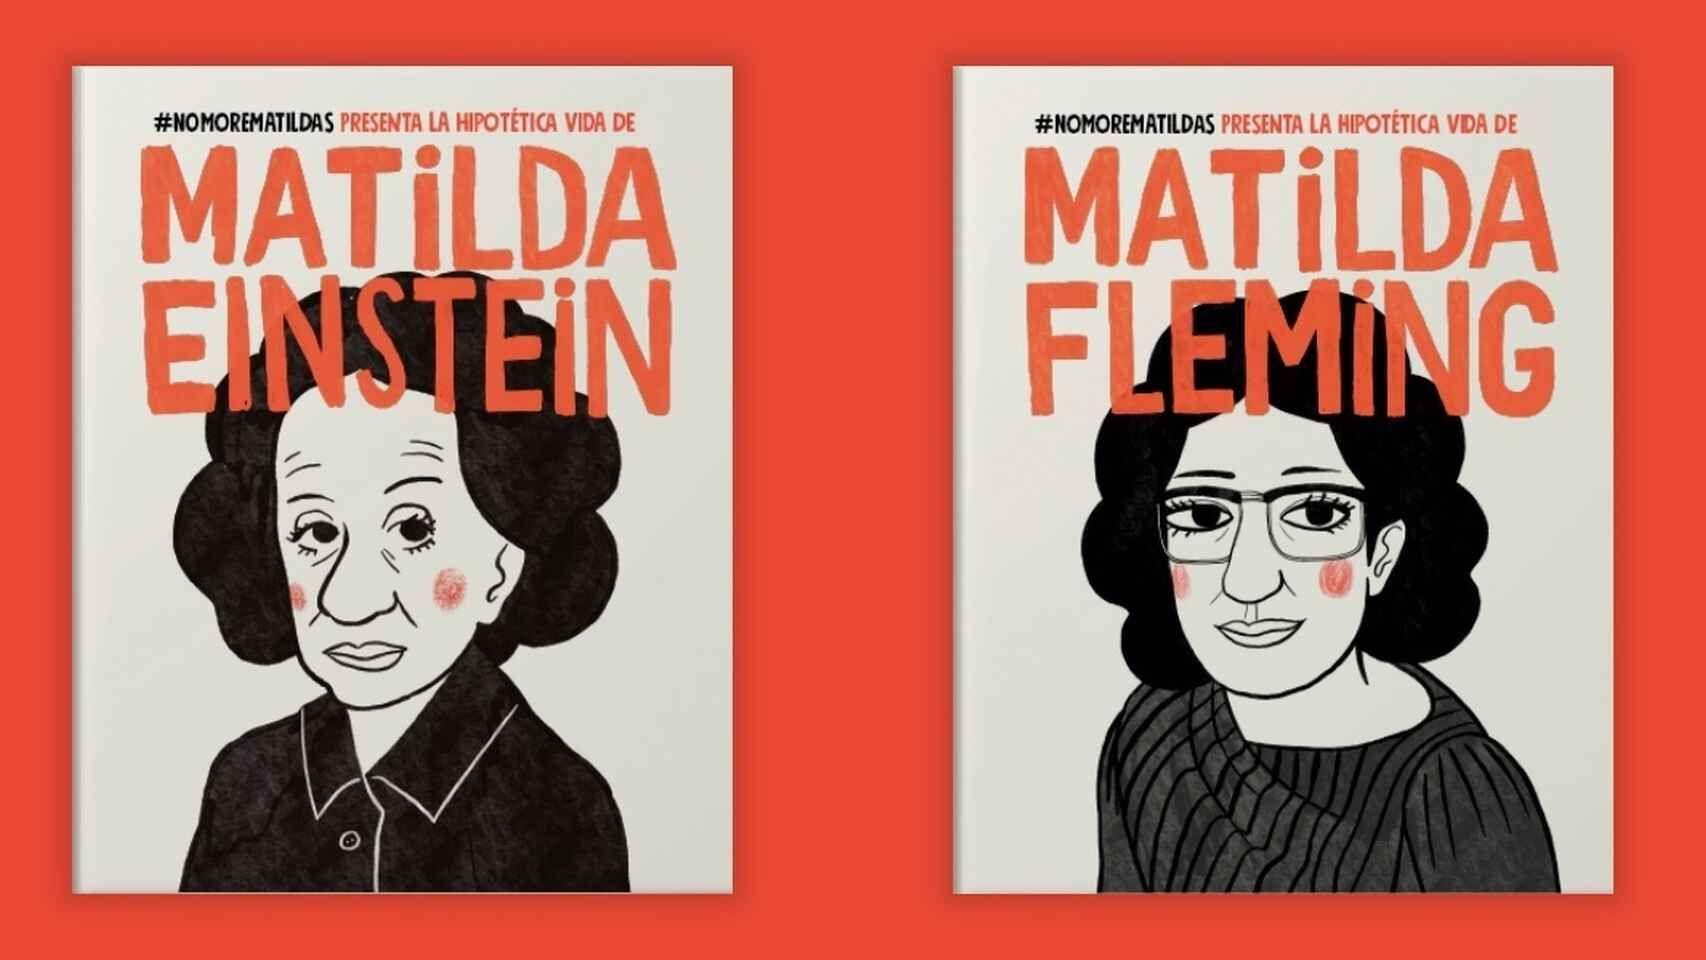 Efecto Matilda. El término que refiere a la invisibilización de las contribuciones de las mujeres en la ciencia, fue conceptualizado en 1993 por la historiadora de la ciencia Margaret W. Rossiter.